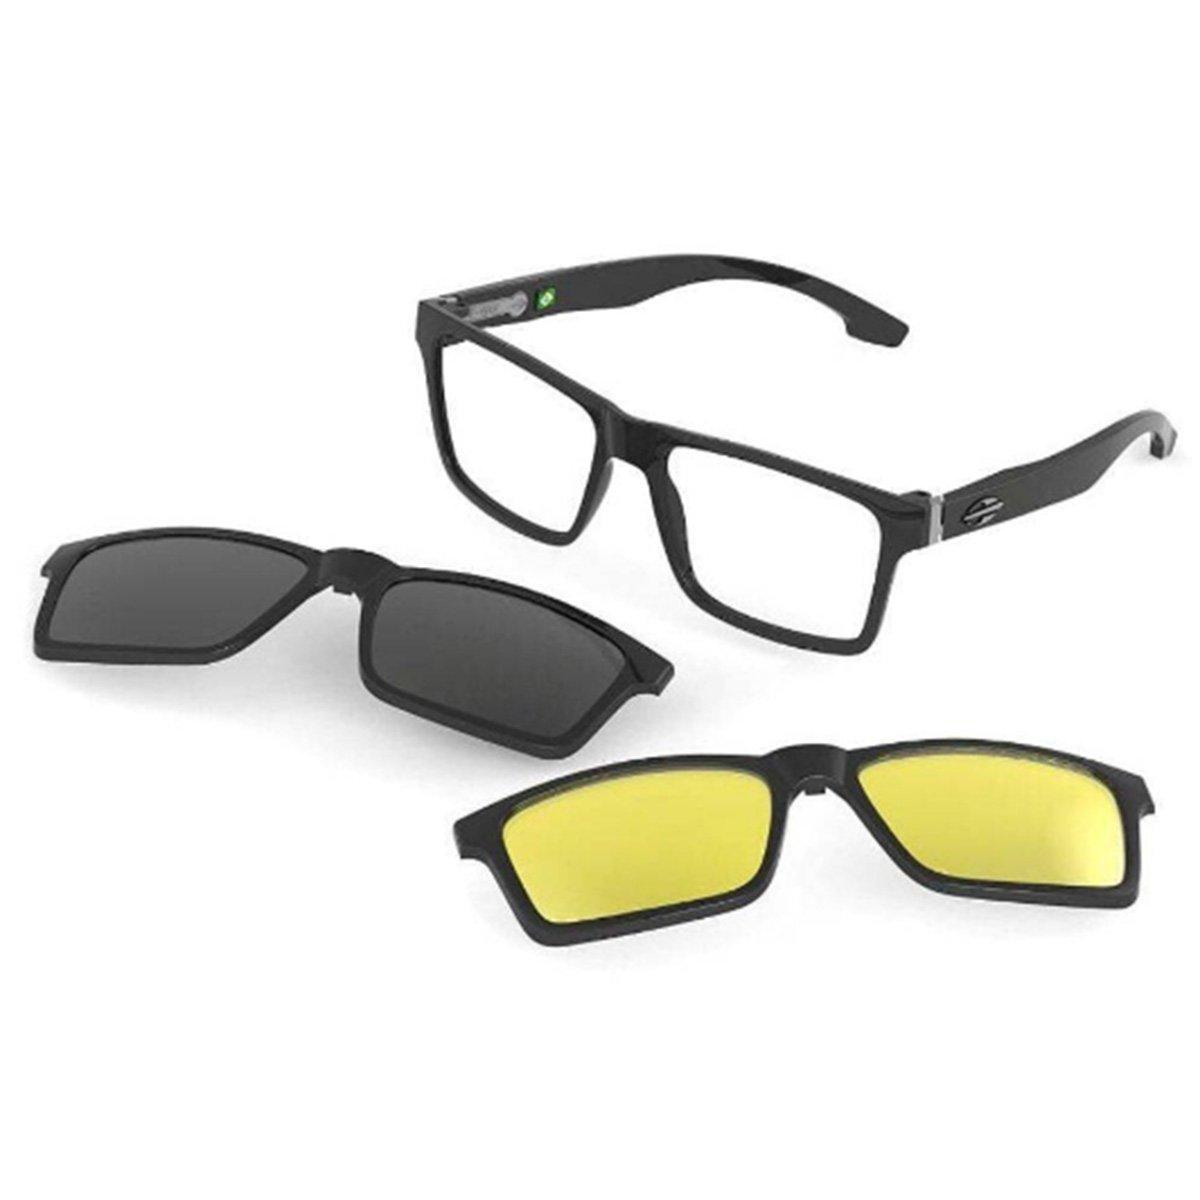 c68e009b651cf Compre Óculos de Grau Mormaii Swap Clip On em 10X